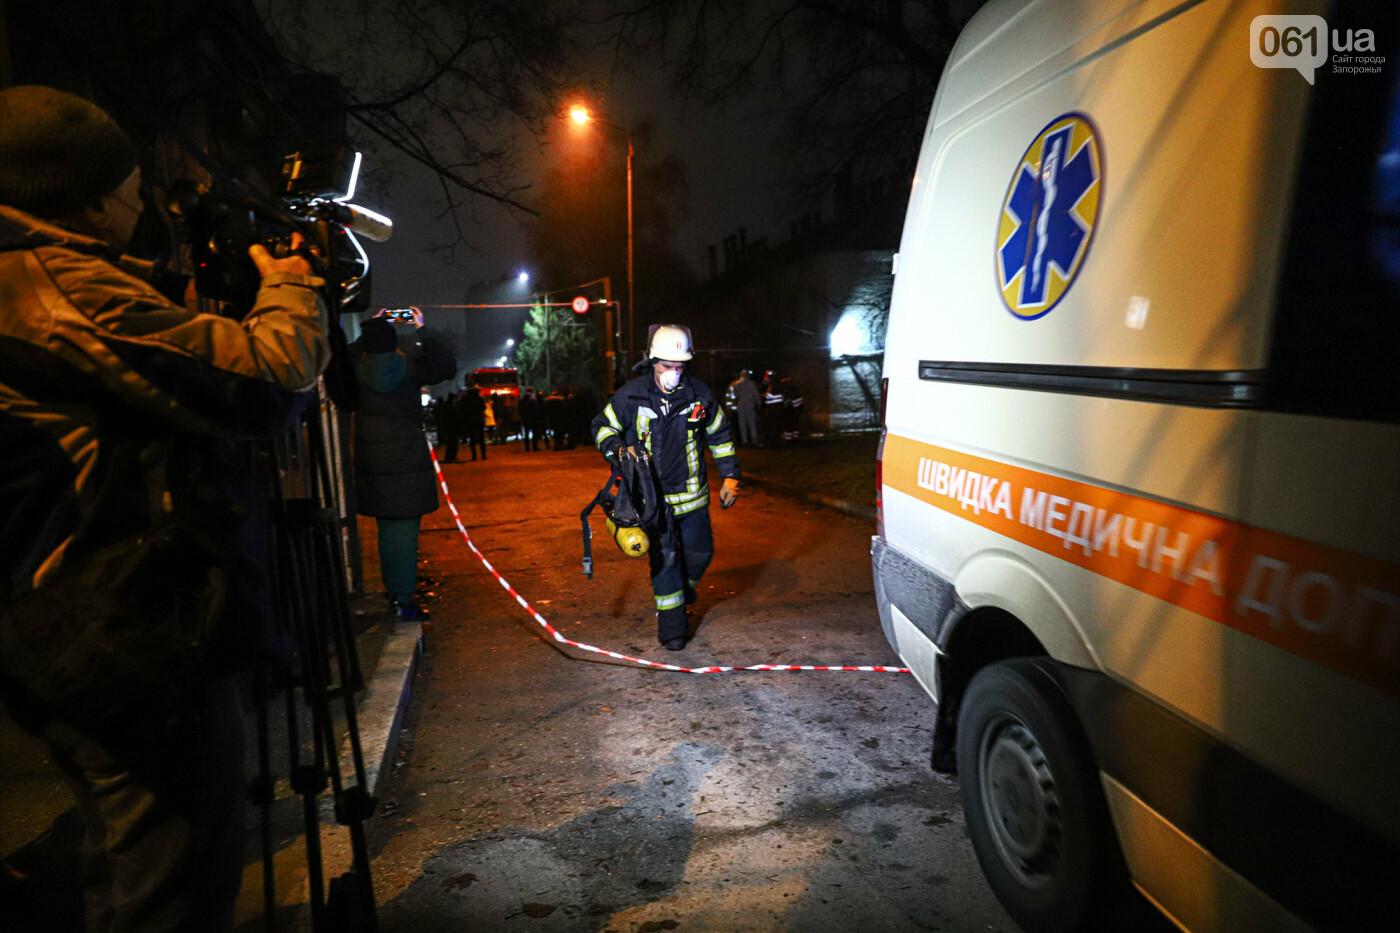 Пожар в Запорожской инфекционной больнице: все подробности происшествия, - ФОТОРЕПОРТАЖ , фото-5